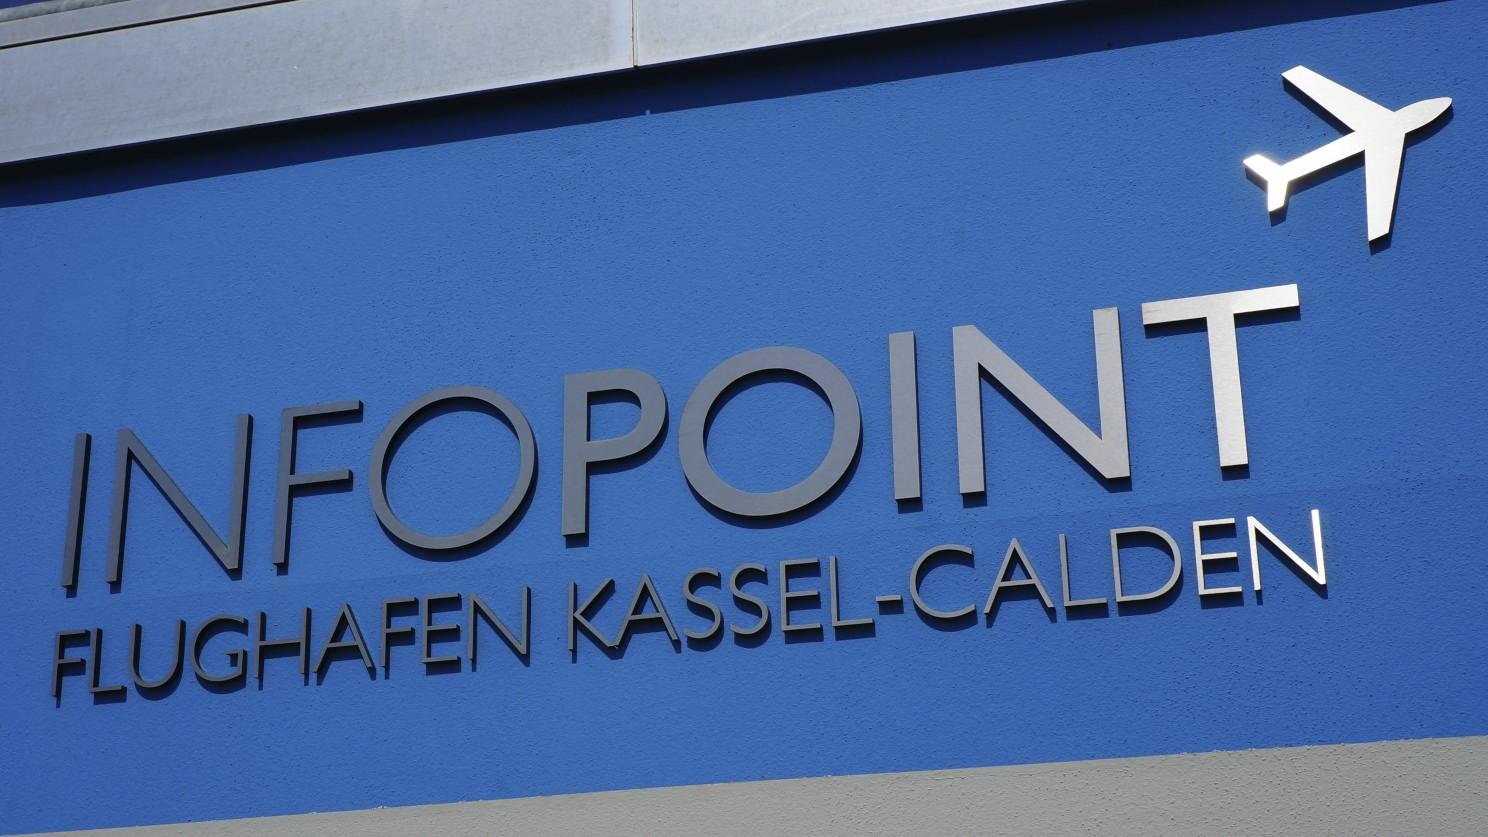 Impressionen vom neuen Flughafen Kassel - Calden 4